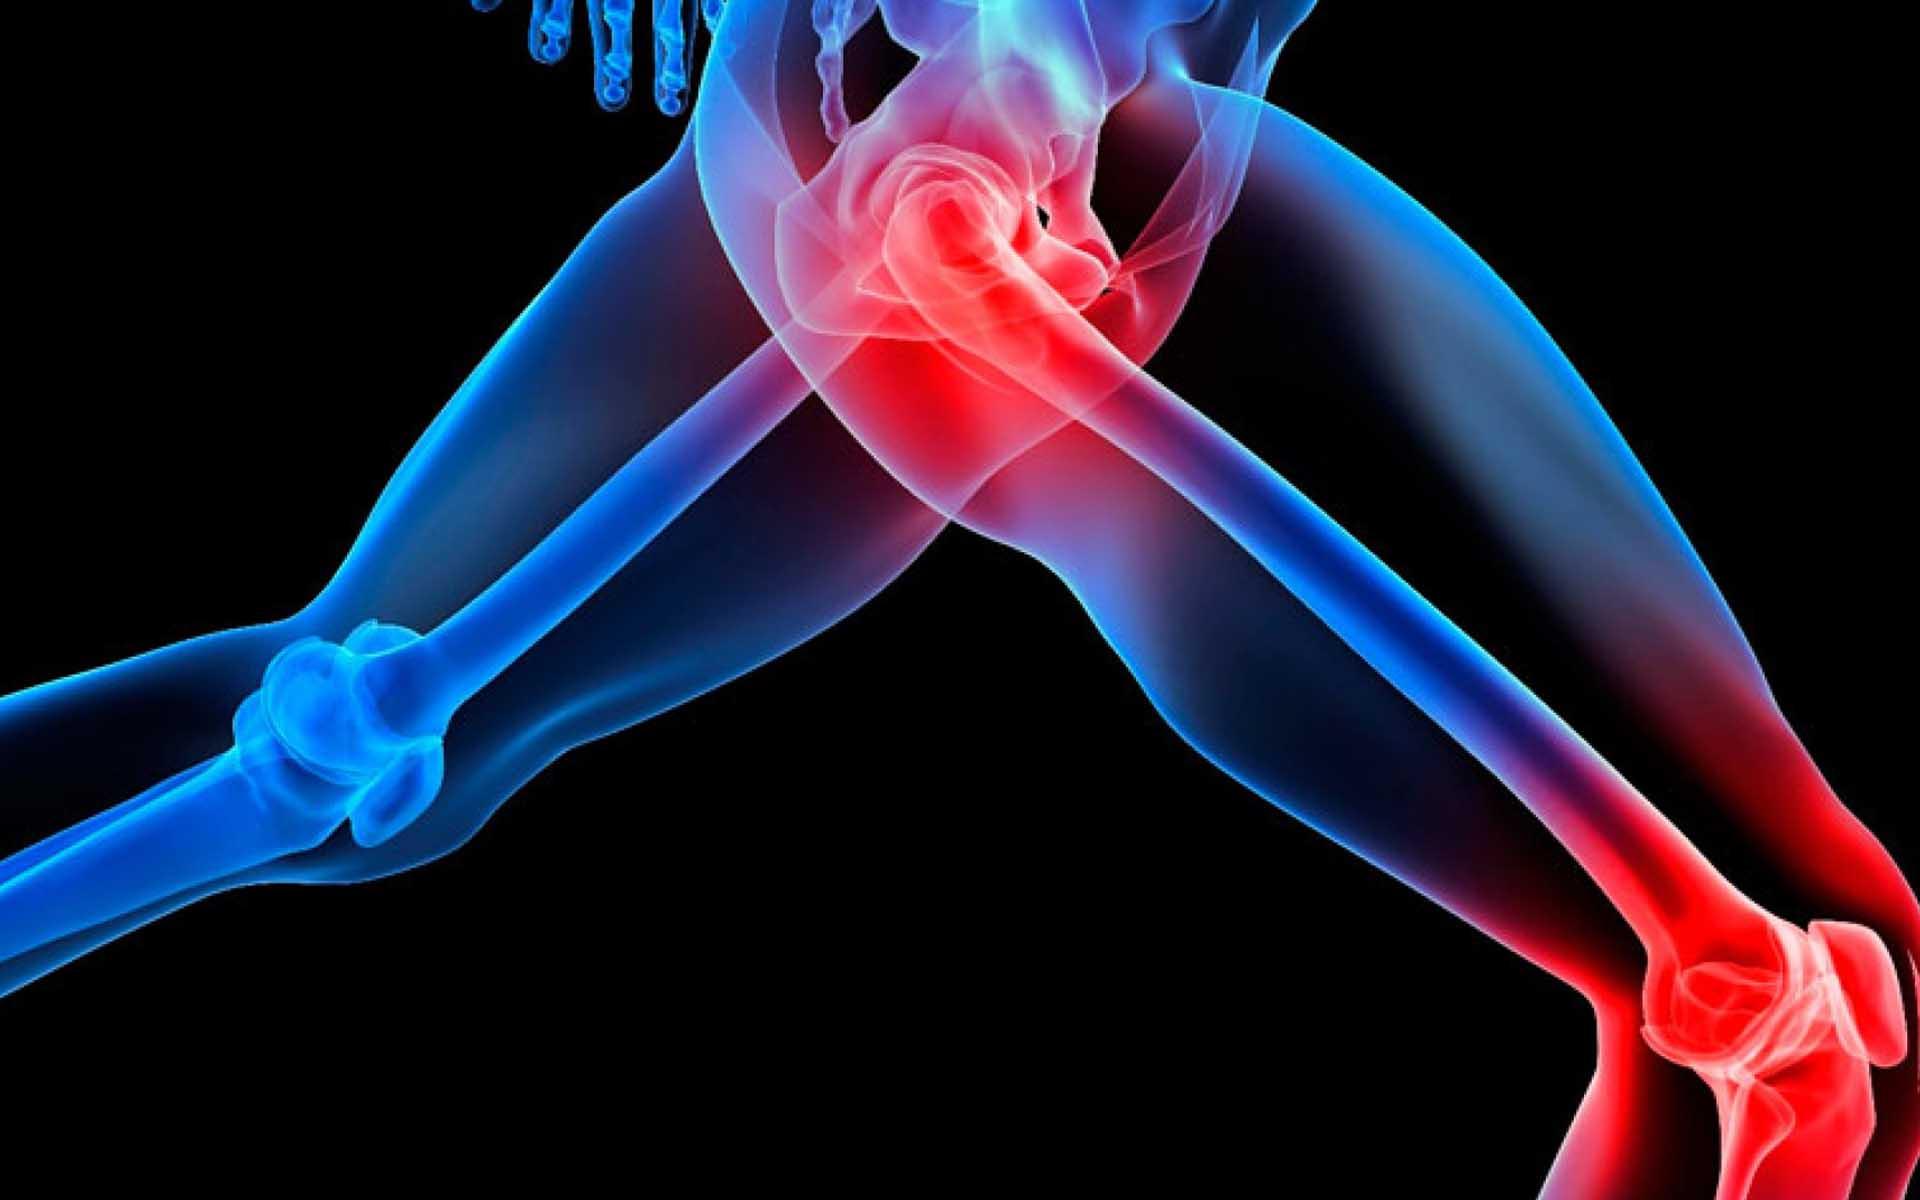 Отсутствие подвижности суставов г.пенза.профилактории по лечению заболевания суставов